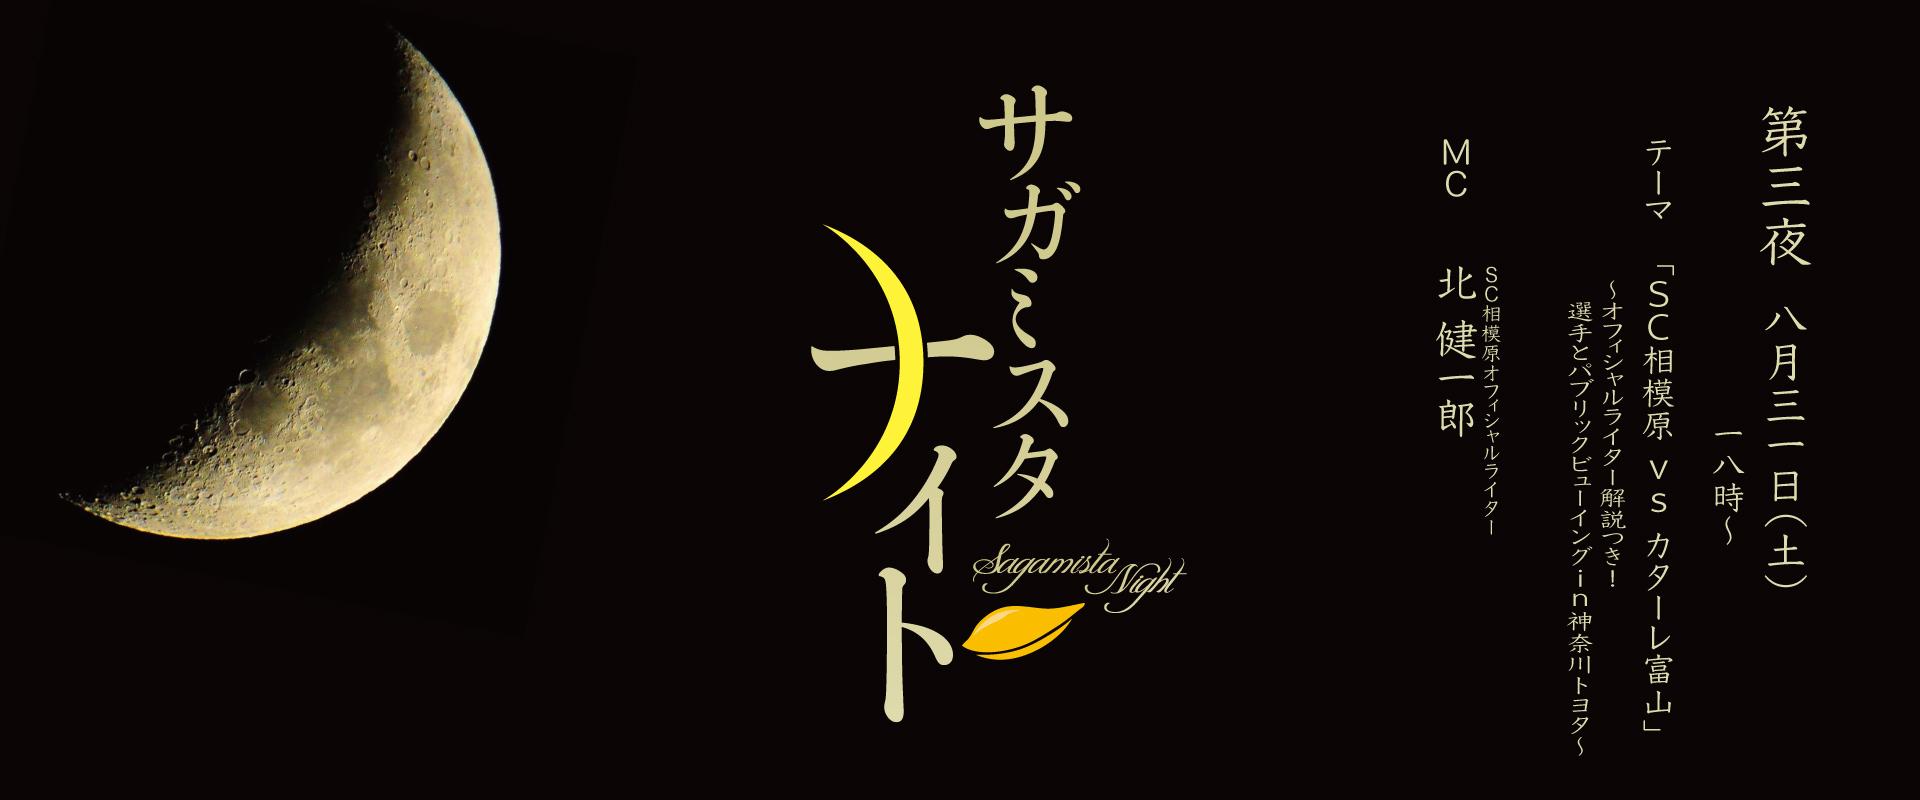 サガミスタナイト_03.jpg